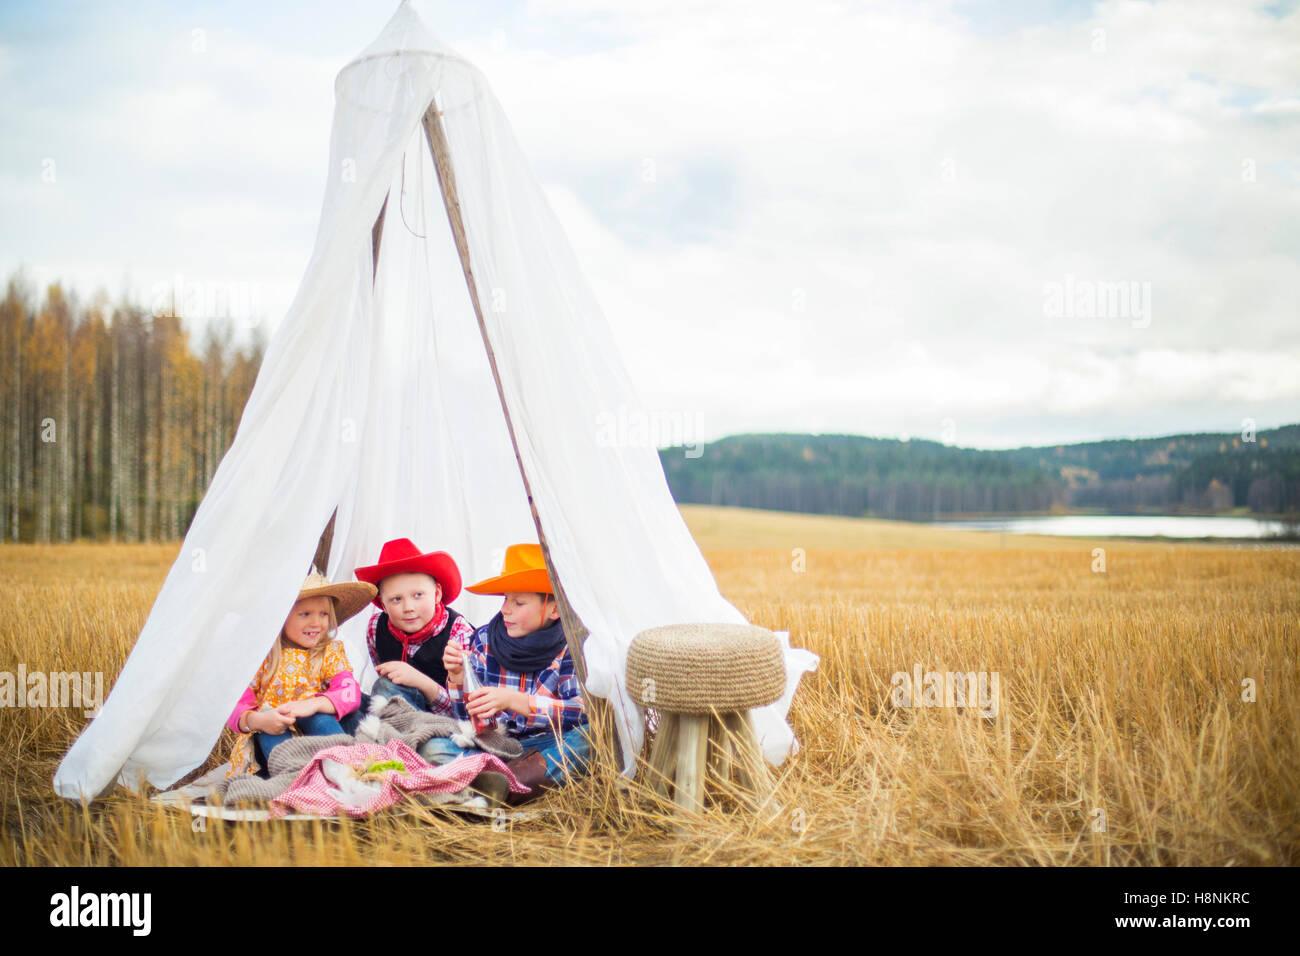 Kinder (8-9) tragen Cowboyhüte sitzen im Zelt Stockbild